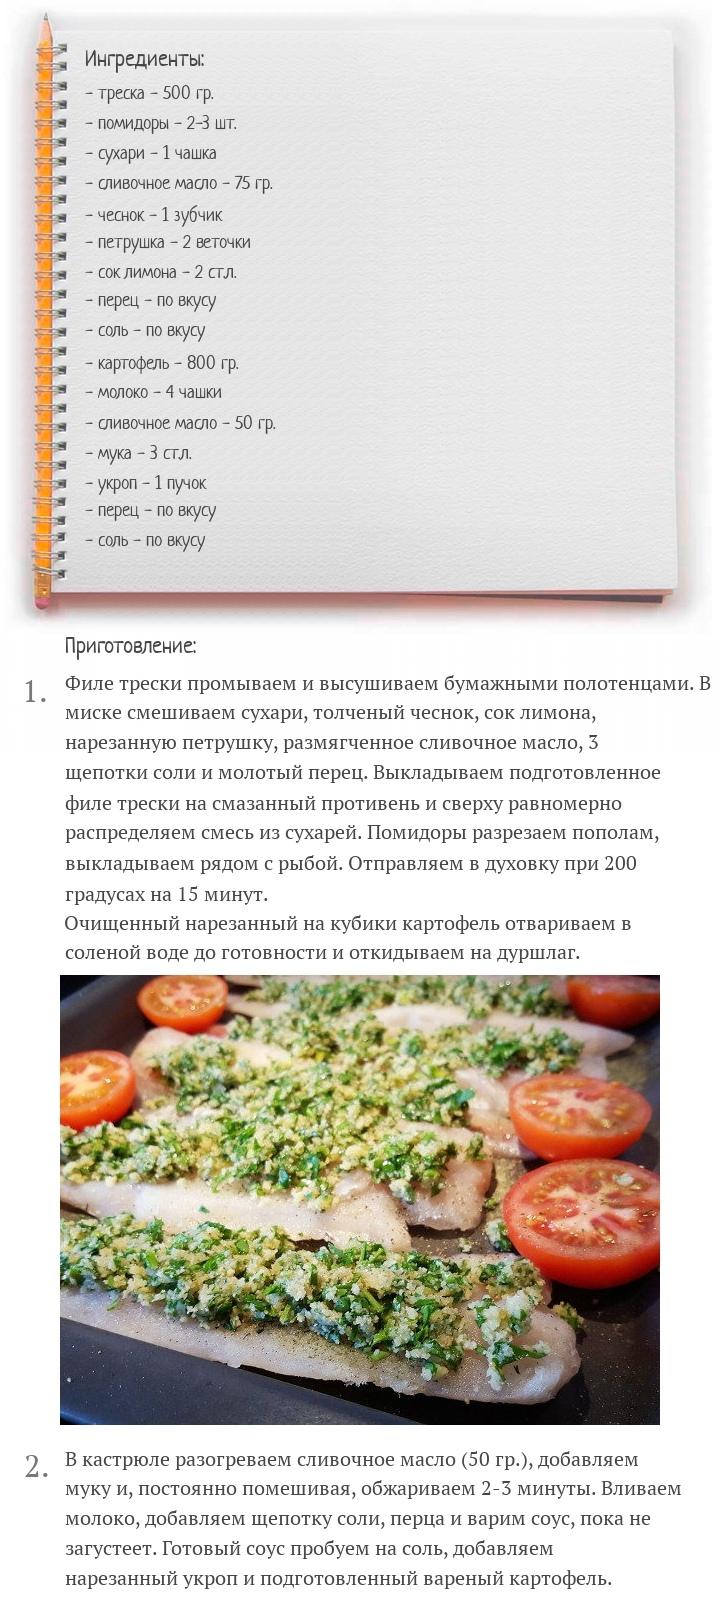 Запеченная рыба с картофелем в сливочном соусе, изображение №2